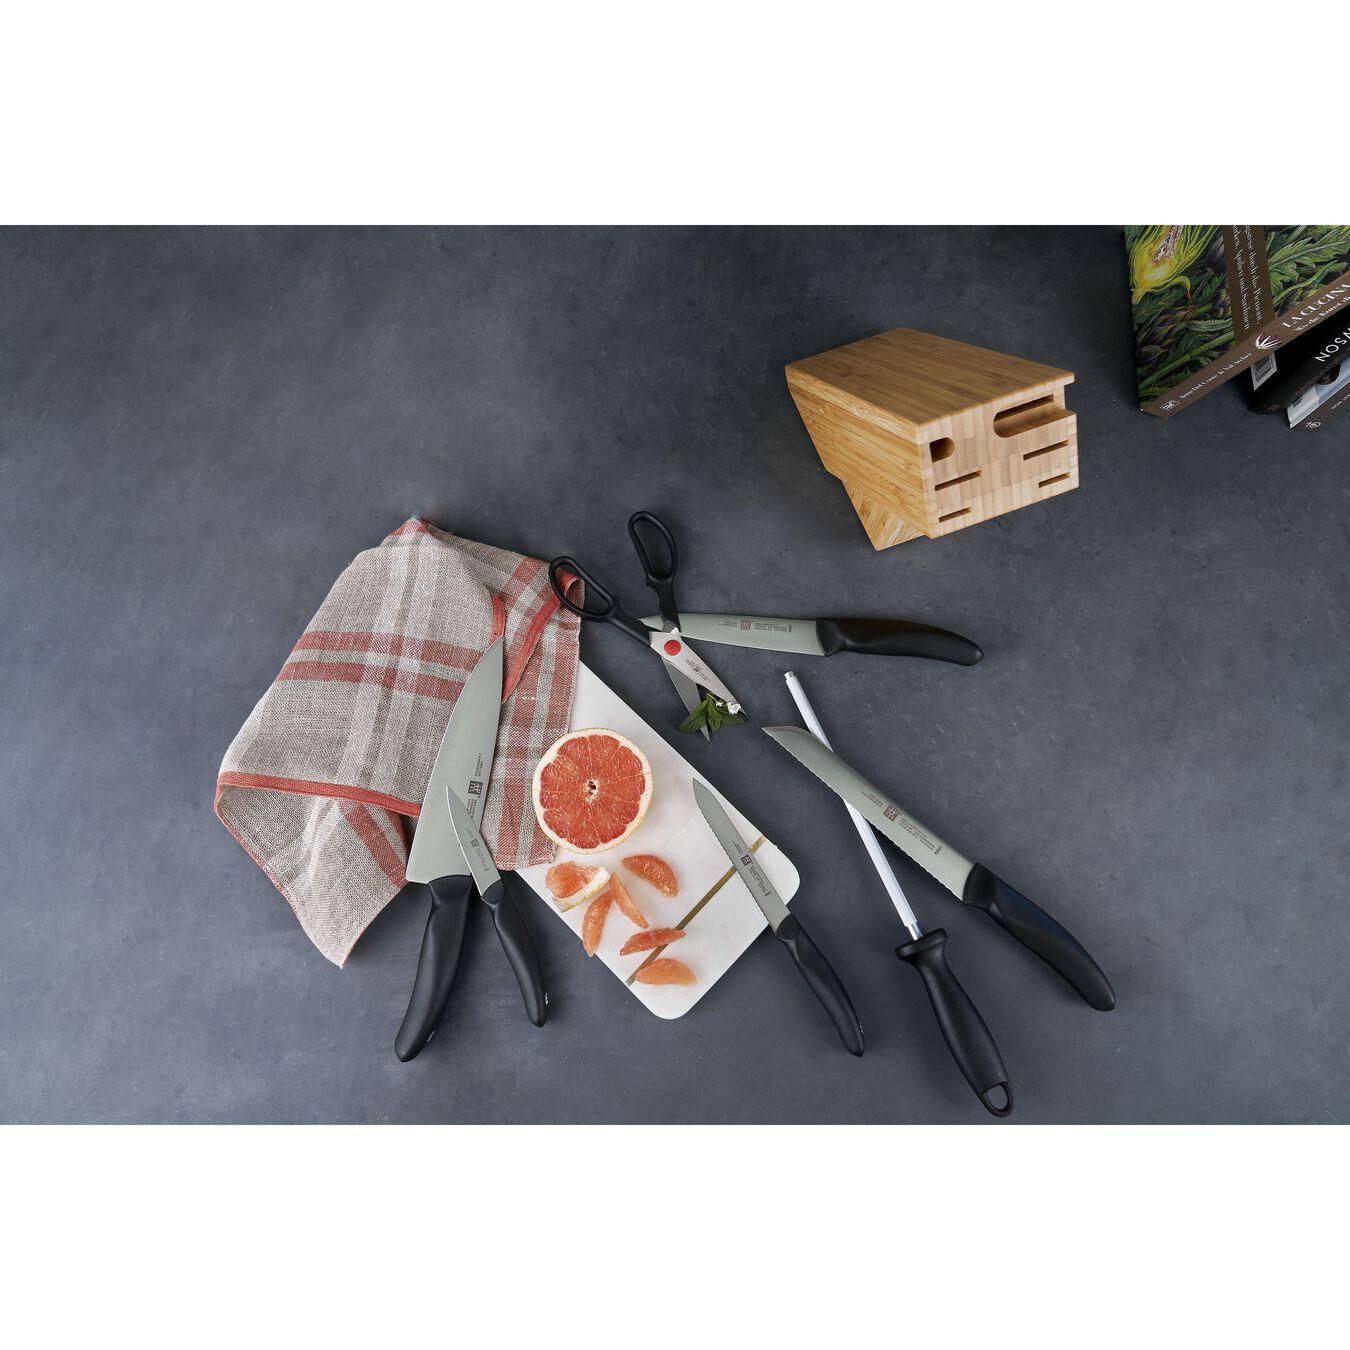 Set di coltelli con ceppo - 8-pz., naturale,,large 3